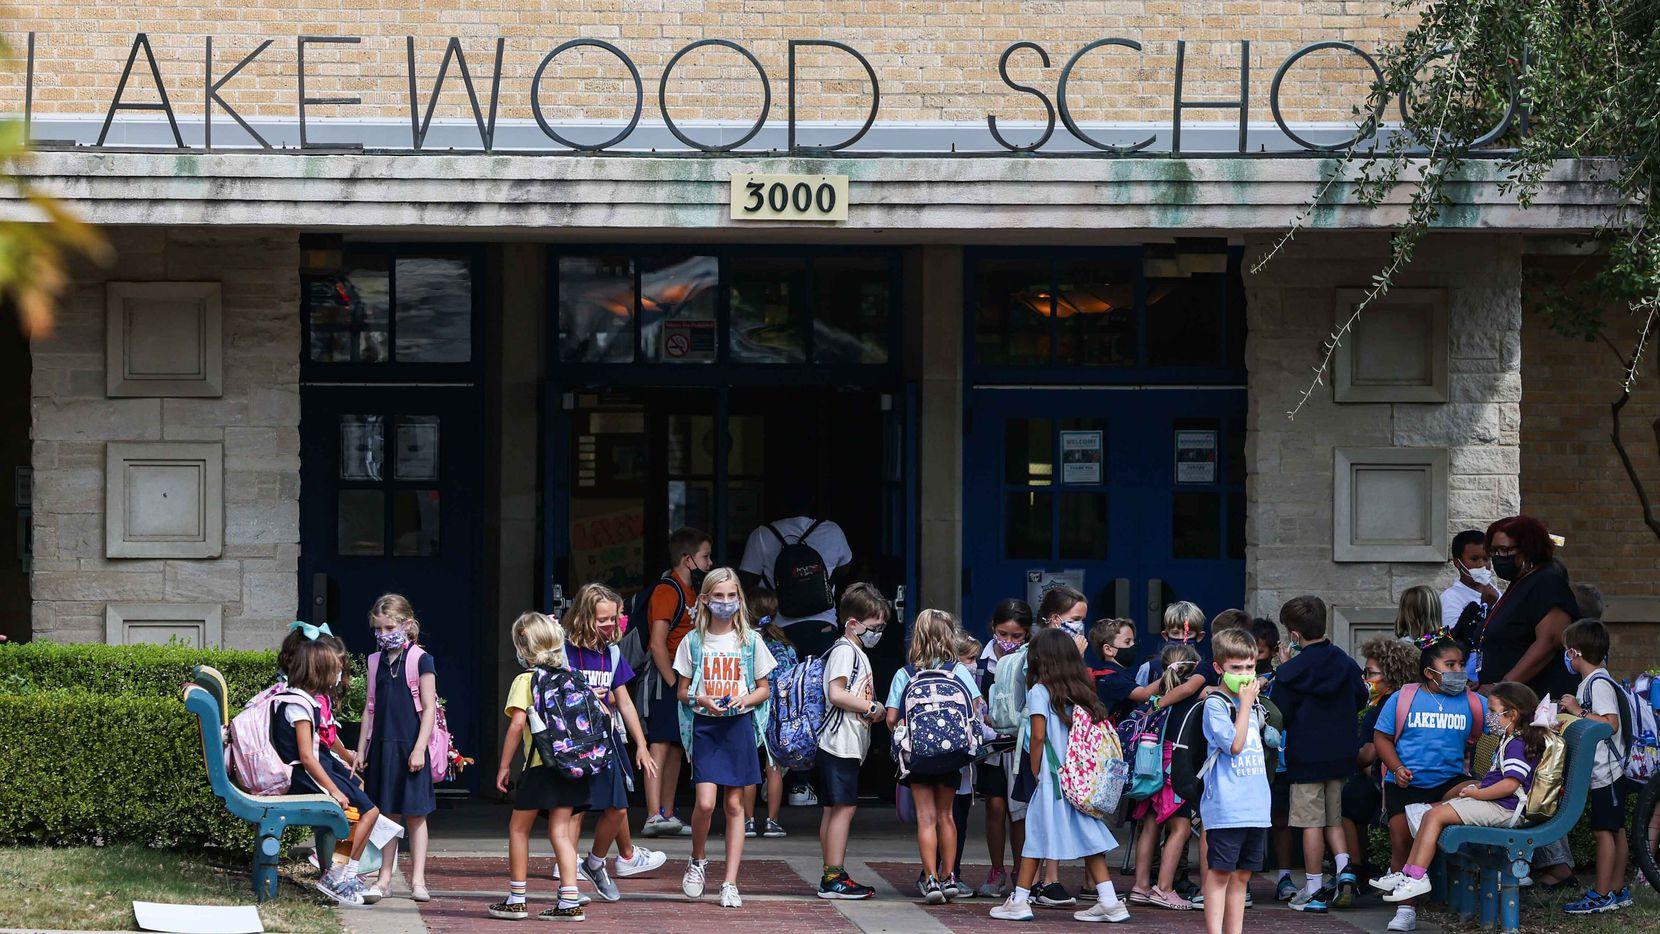 La primaria Lakewood es una de las escuelas con maestros más destacados por el programa TEI, también es una de las escuelas más blancas del distrito escolar de Dallas.